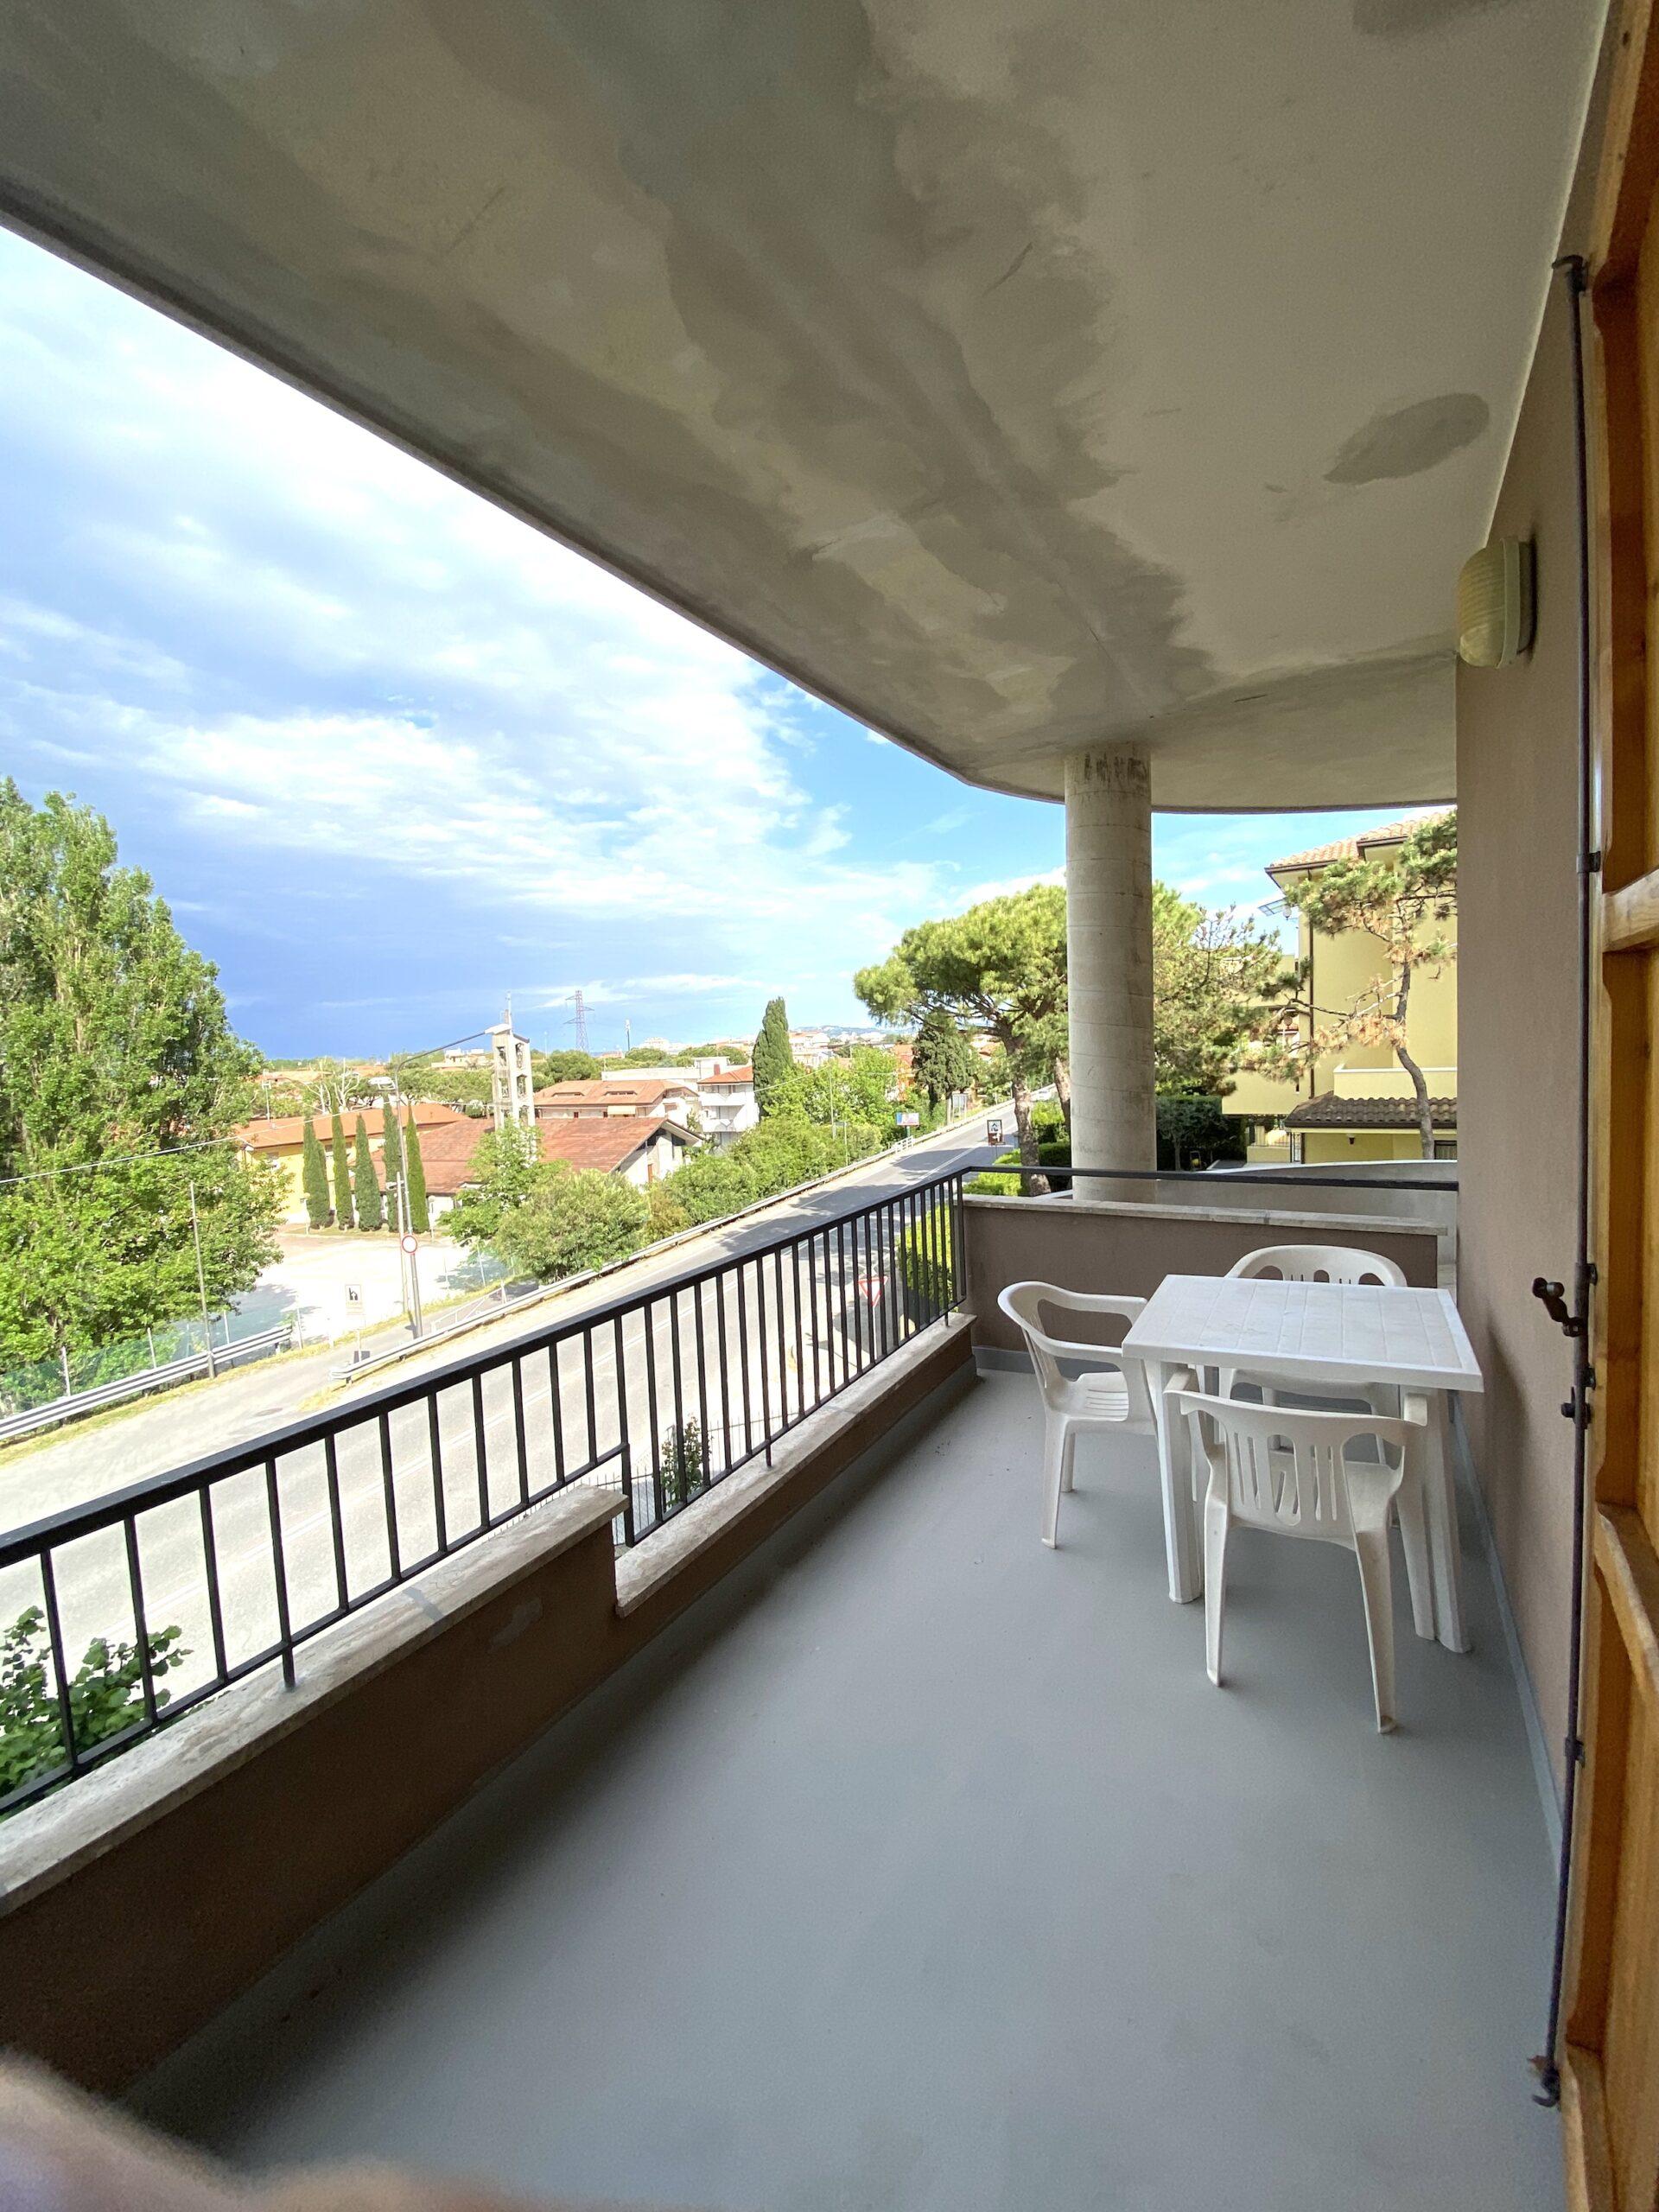 RICCIONE FONTANELLE.Appartamento situato in zona fontanelle a circa 500mt dal mare in affitto a settembre